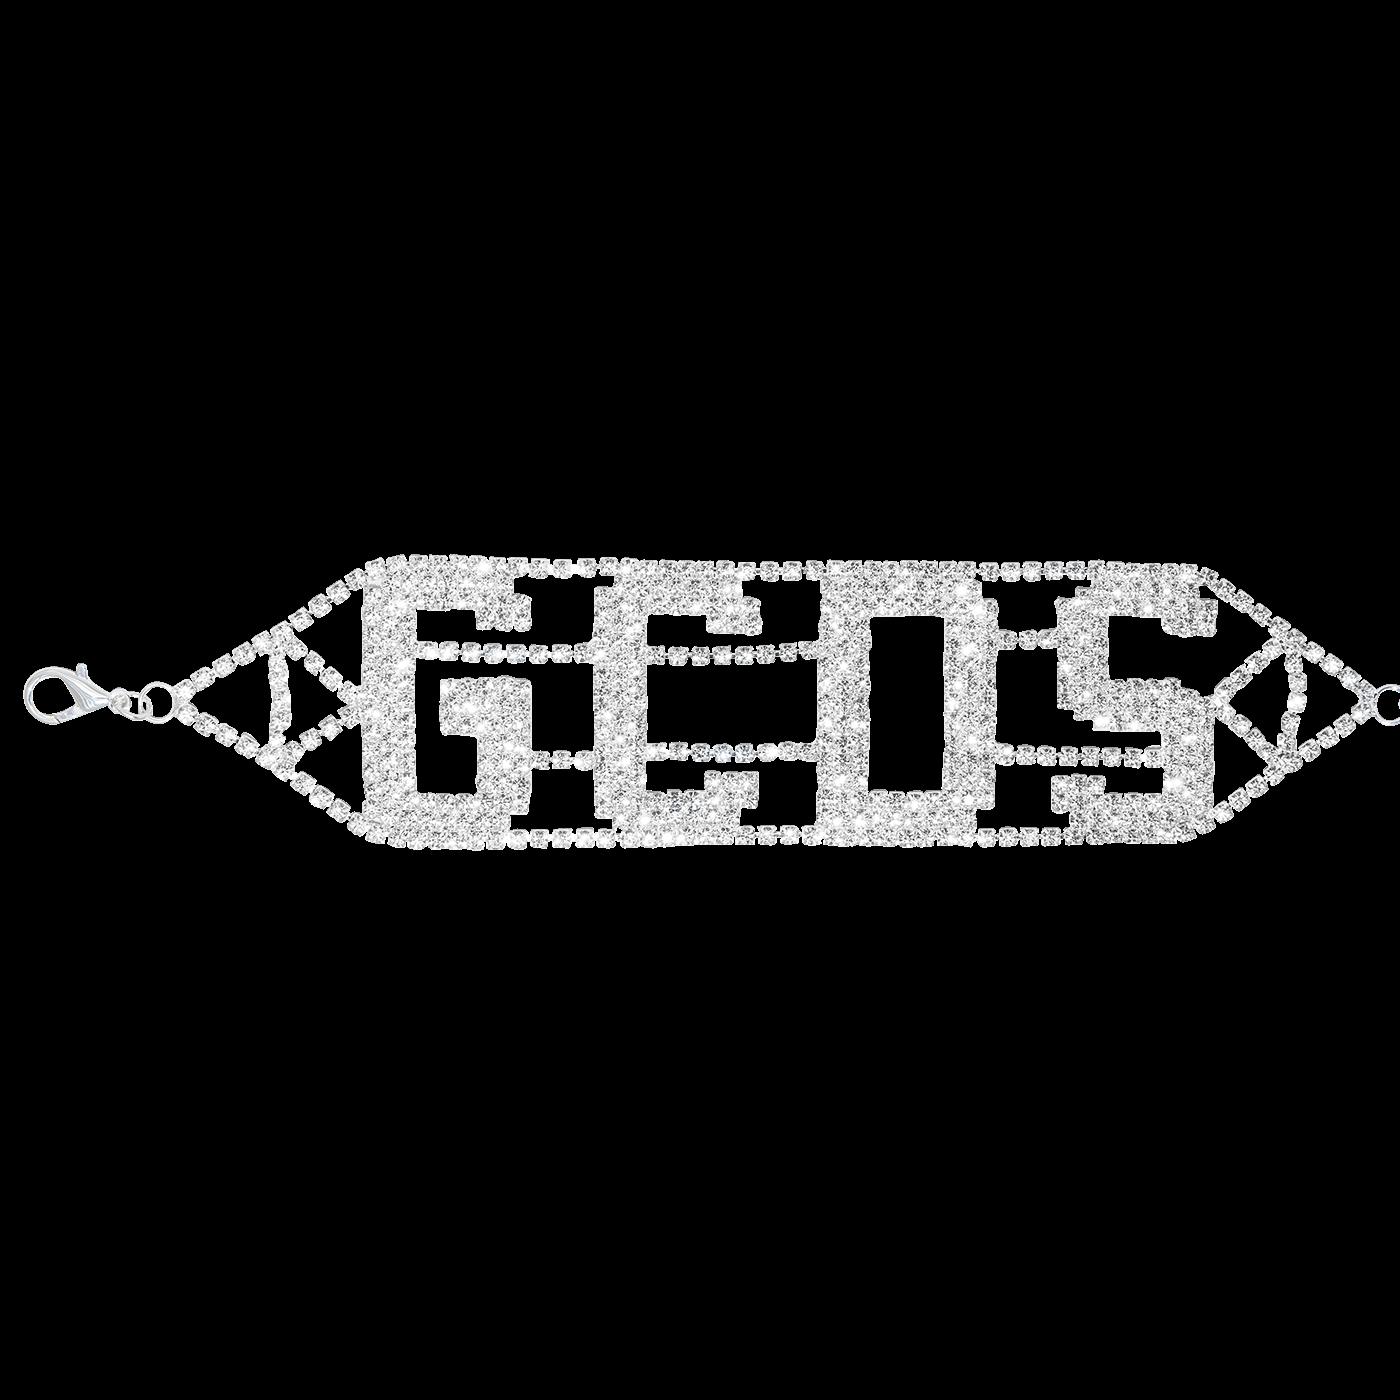 Logo Choker Silver Diamond | GCDS - In goal we trust